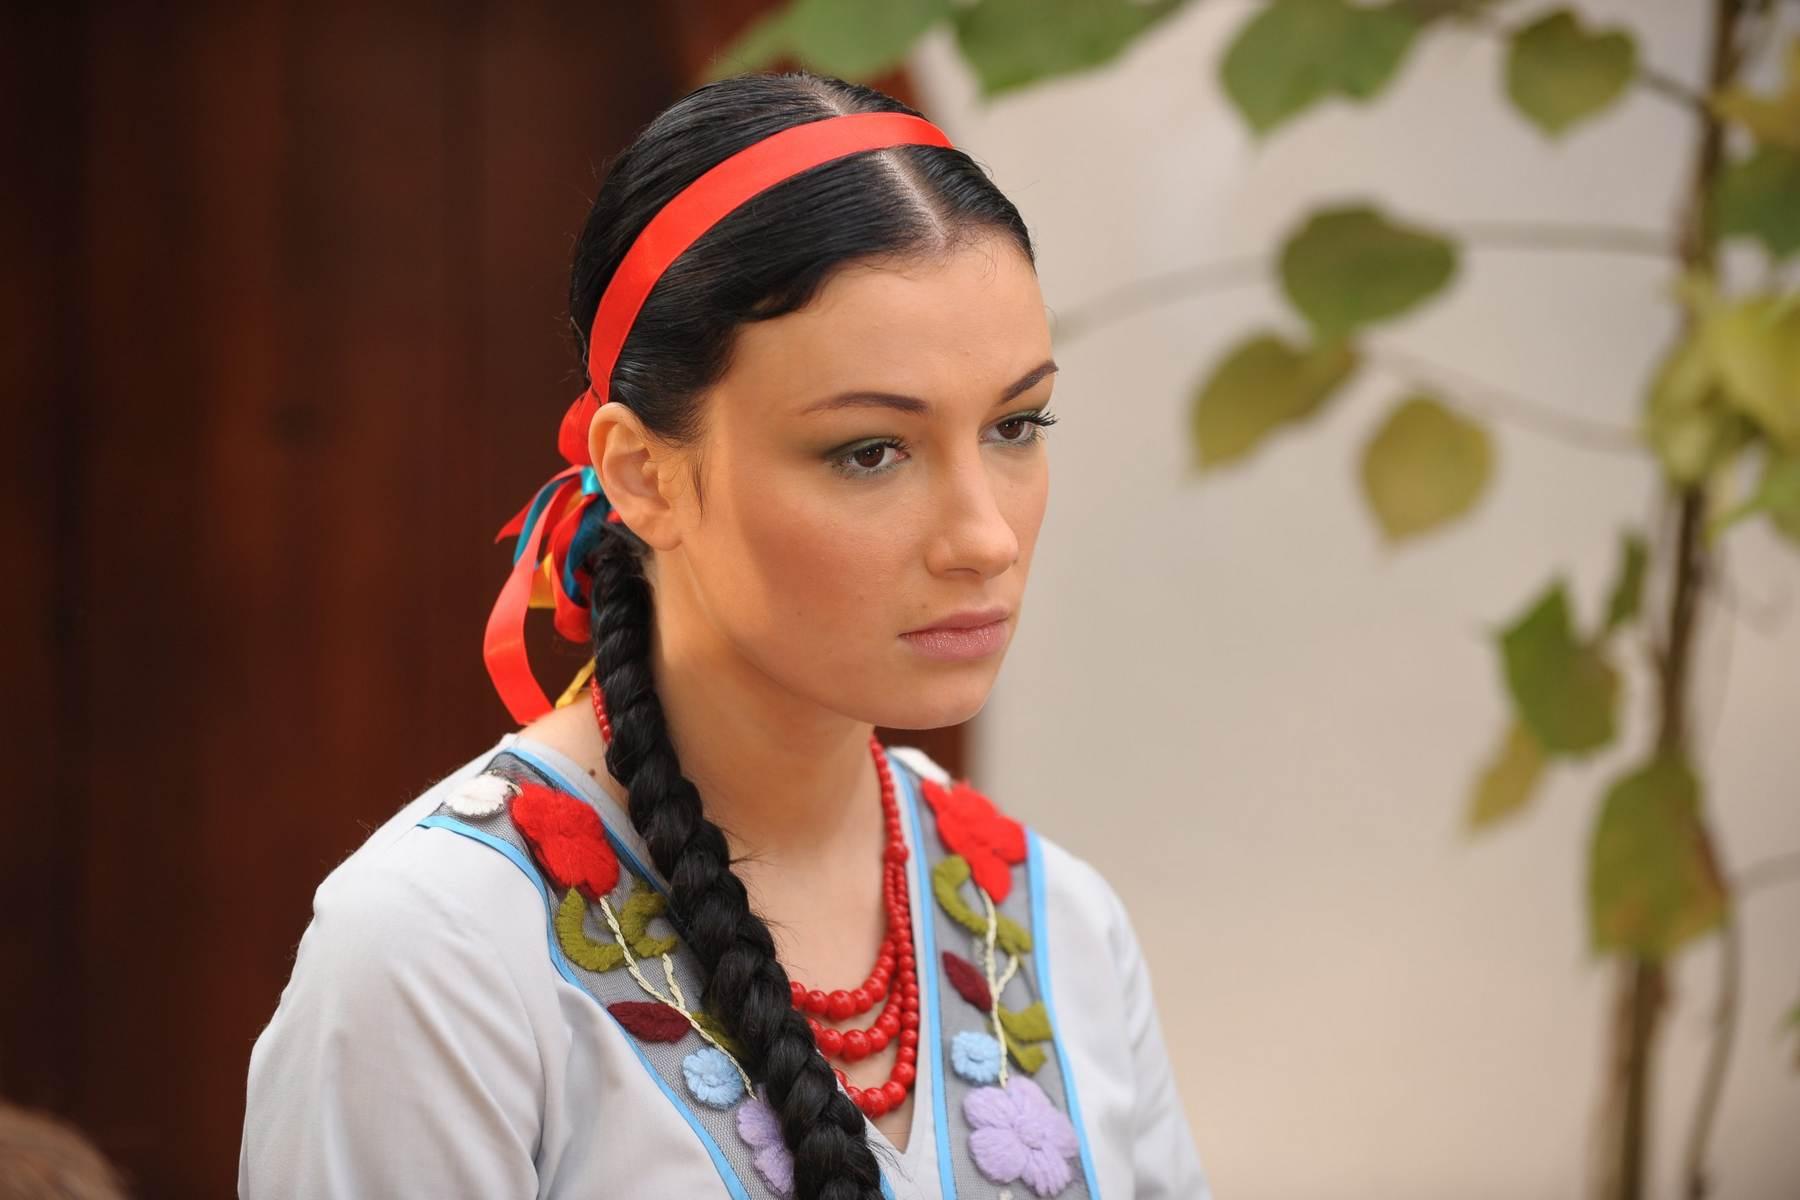 Украинские дивчины фото 11 фотография